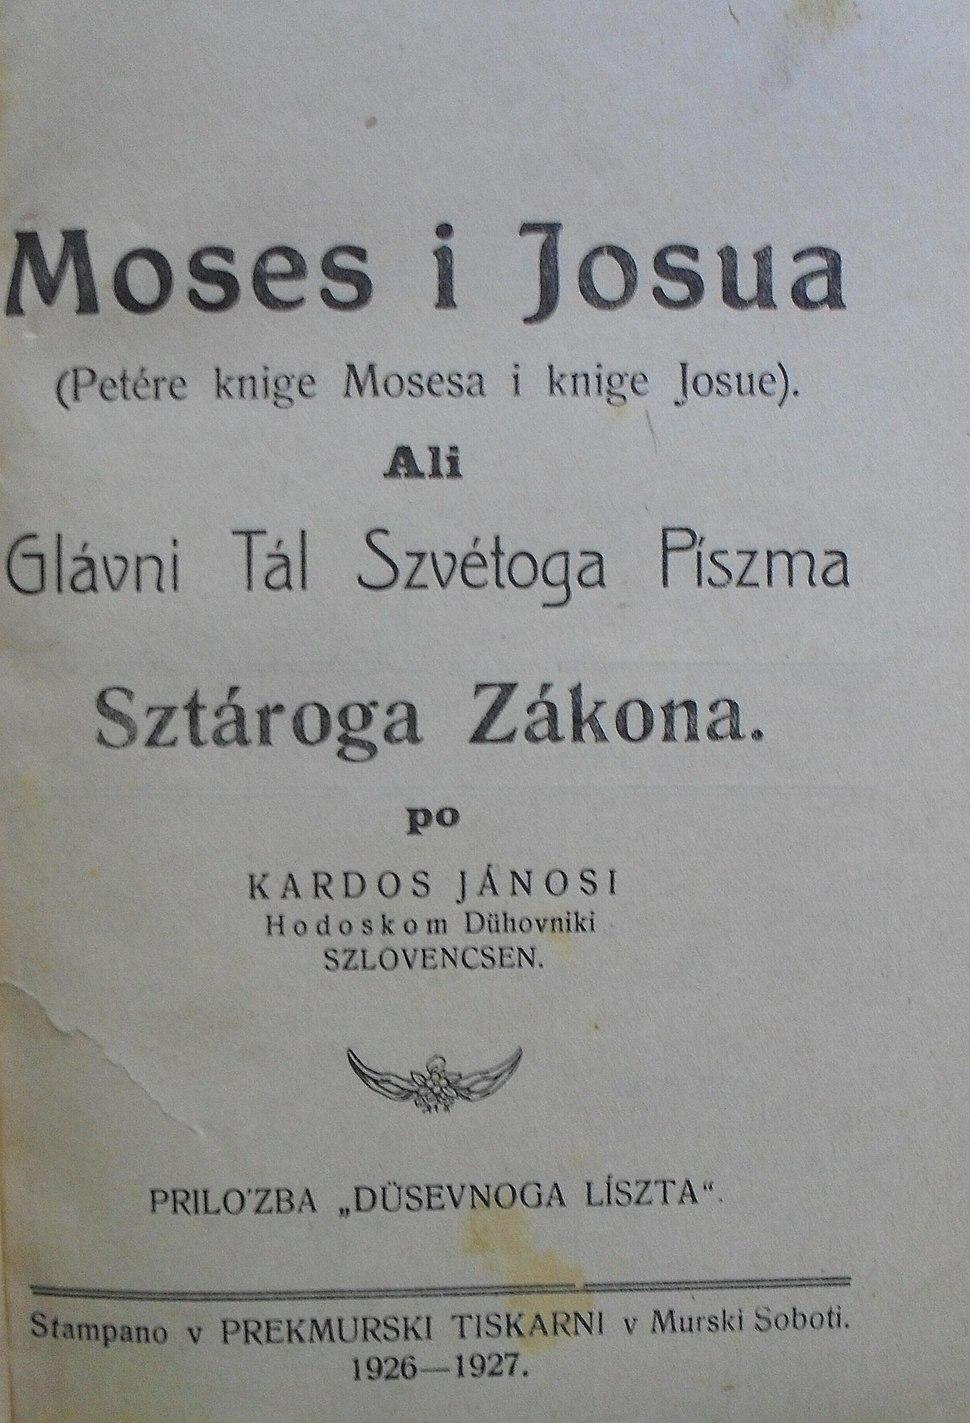 Moses i Josua